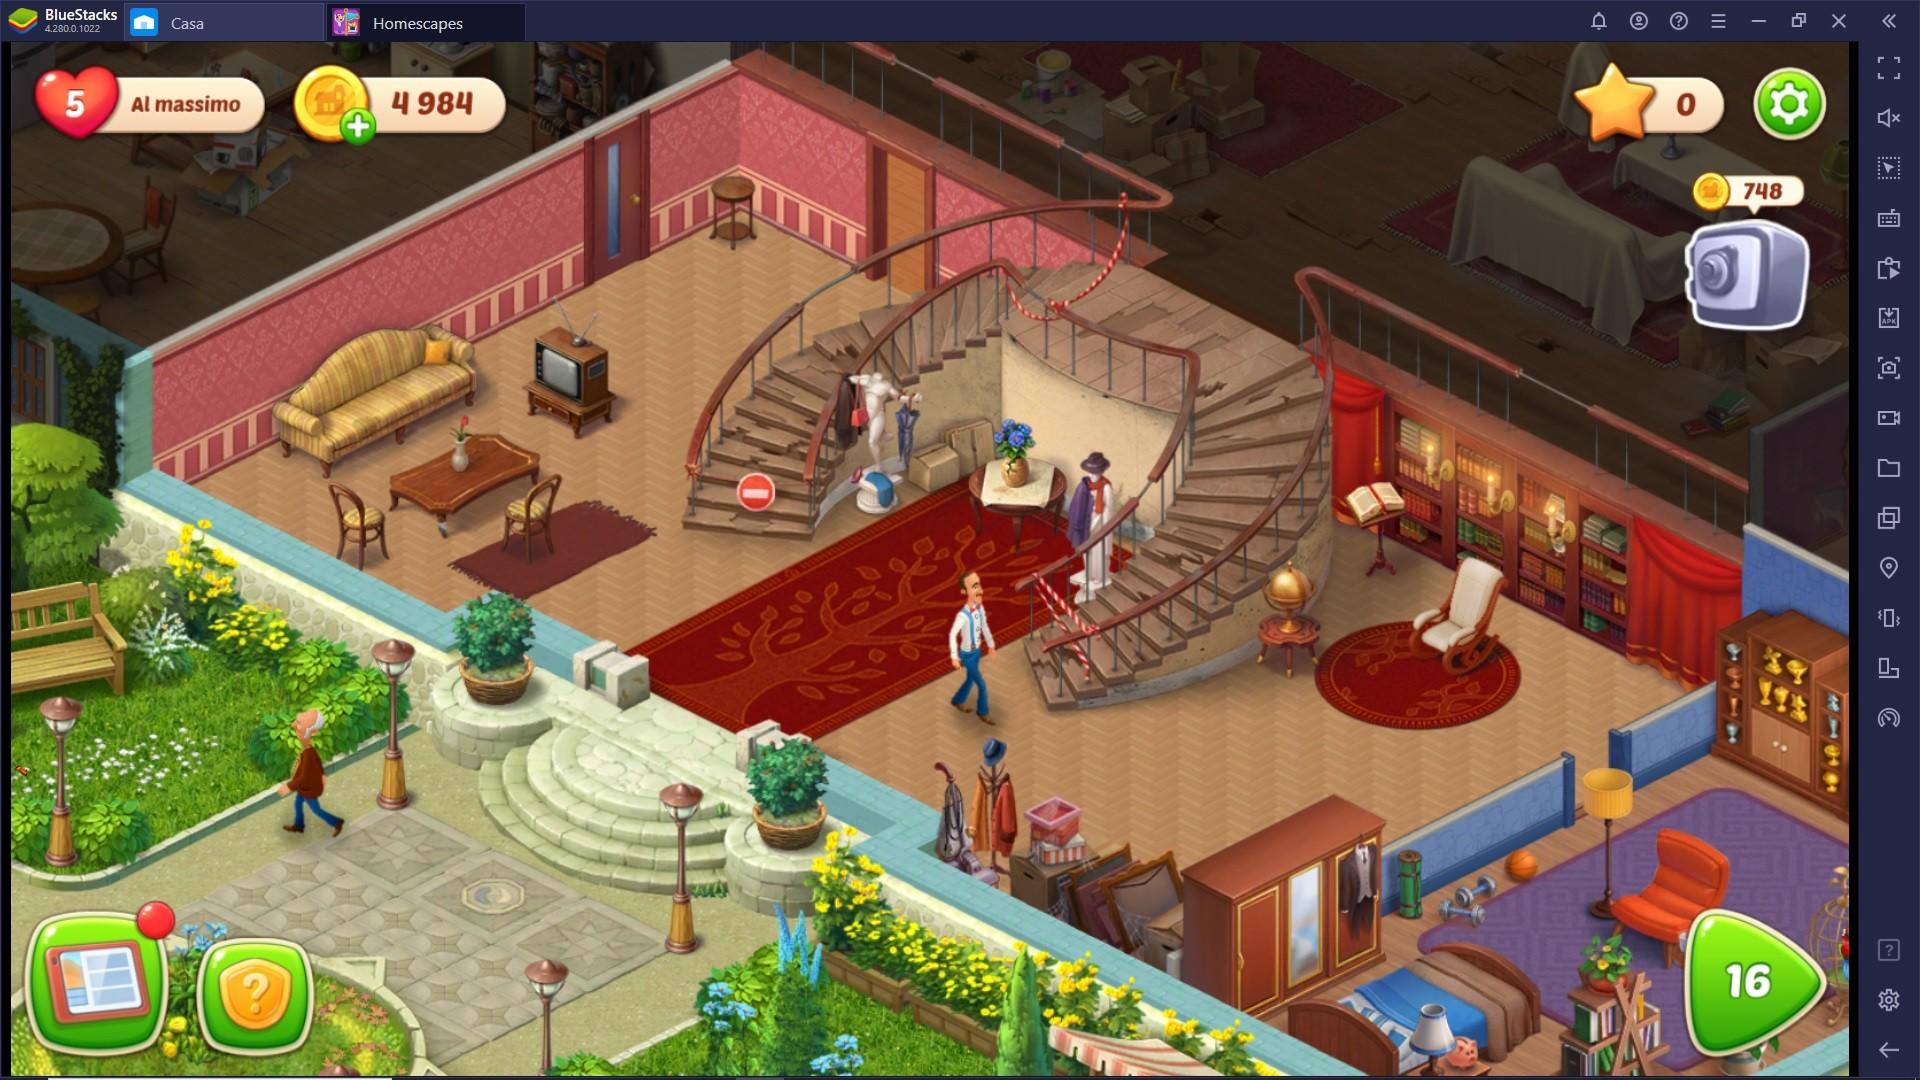 Il Gameplay di Homescapes – Il celebre Puzzle Game di Playrix